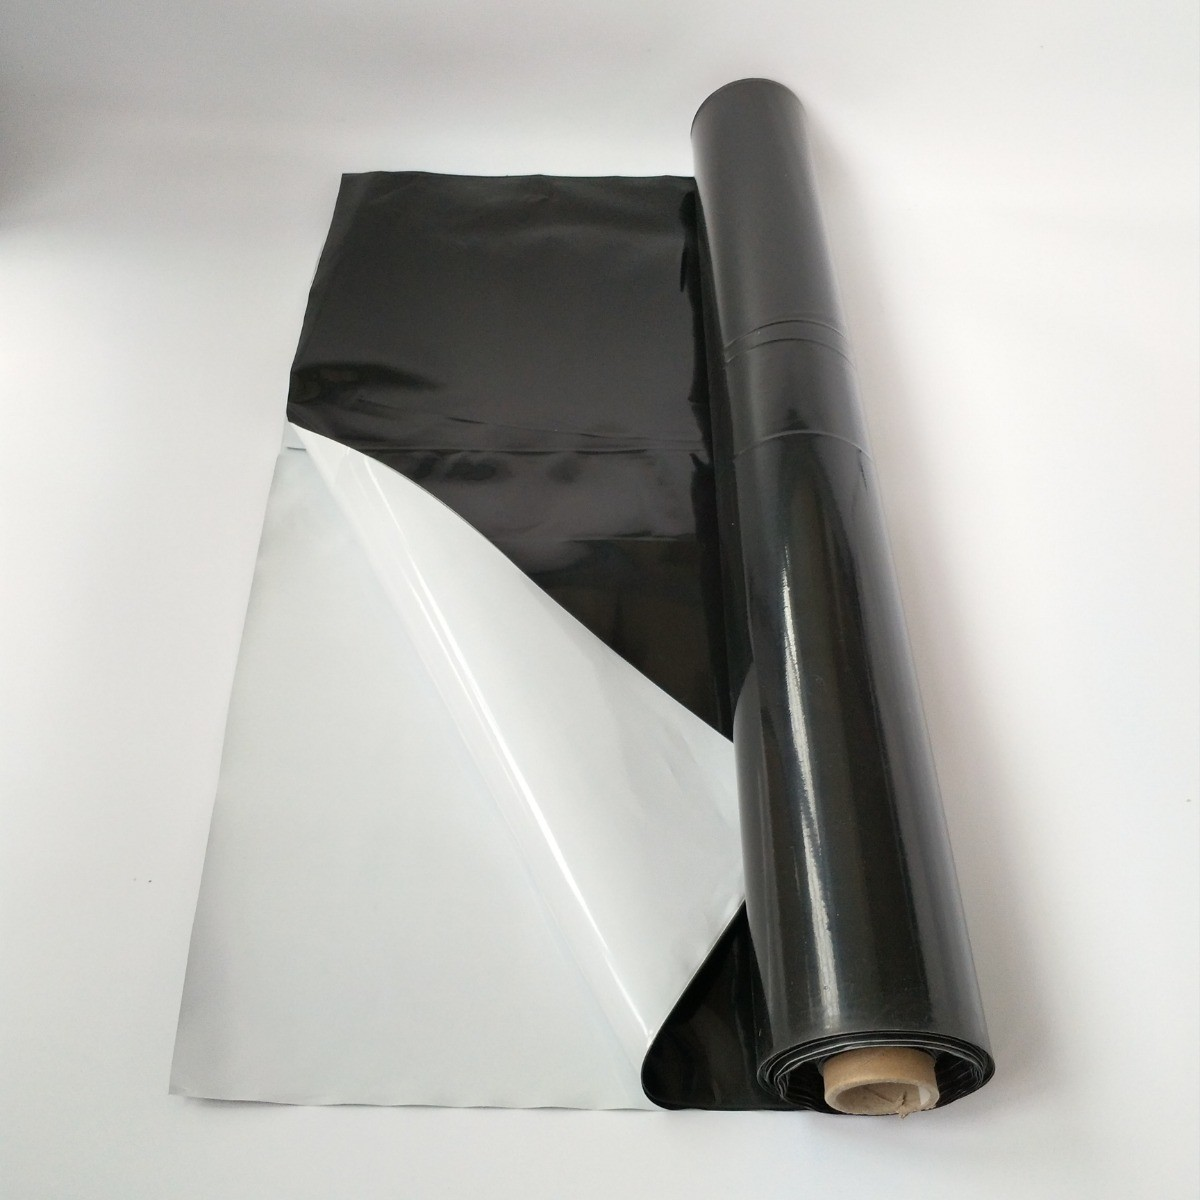 Lona Silagem Nortene Branca/Preta 72kg - 6x86m